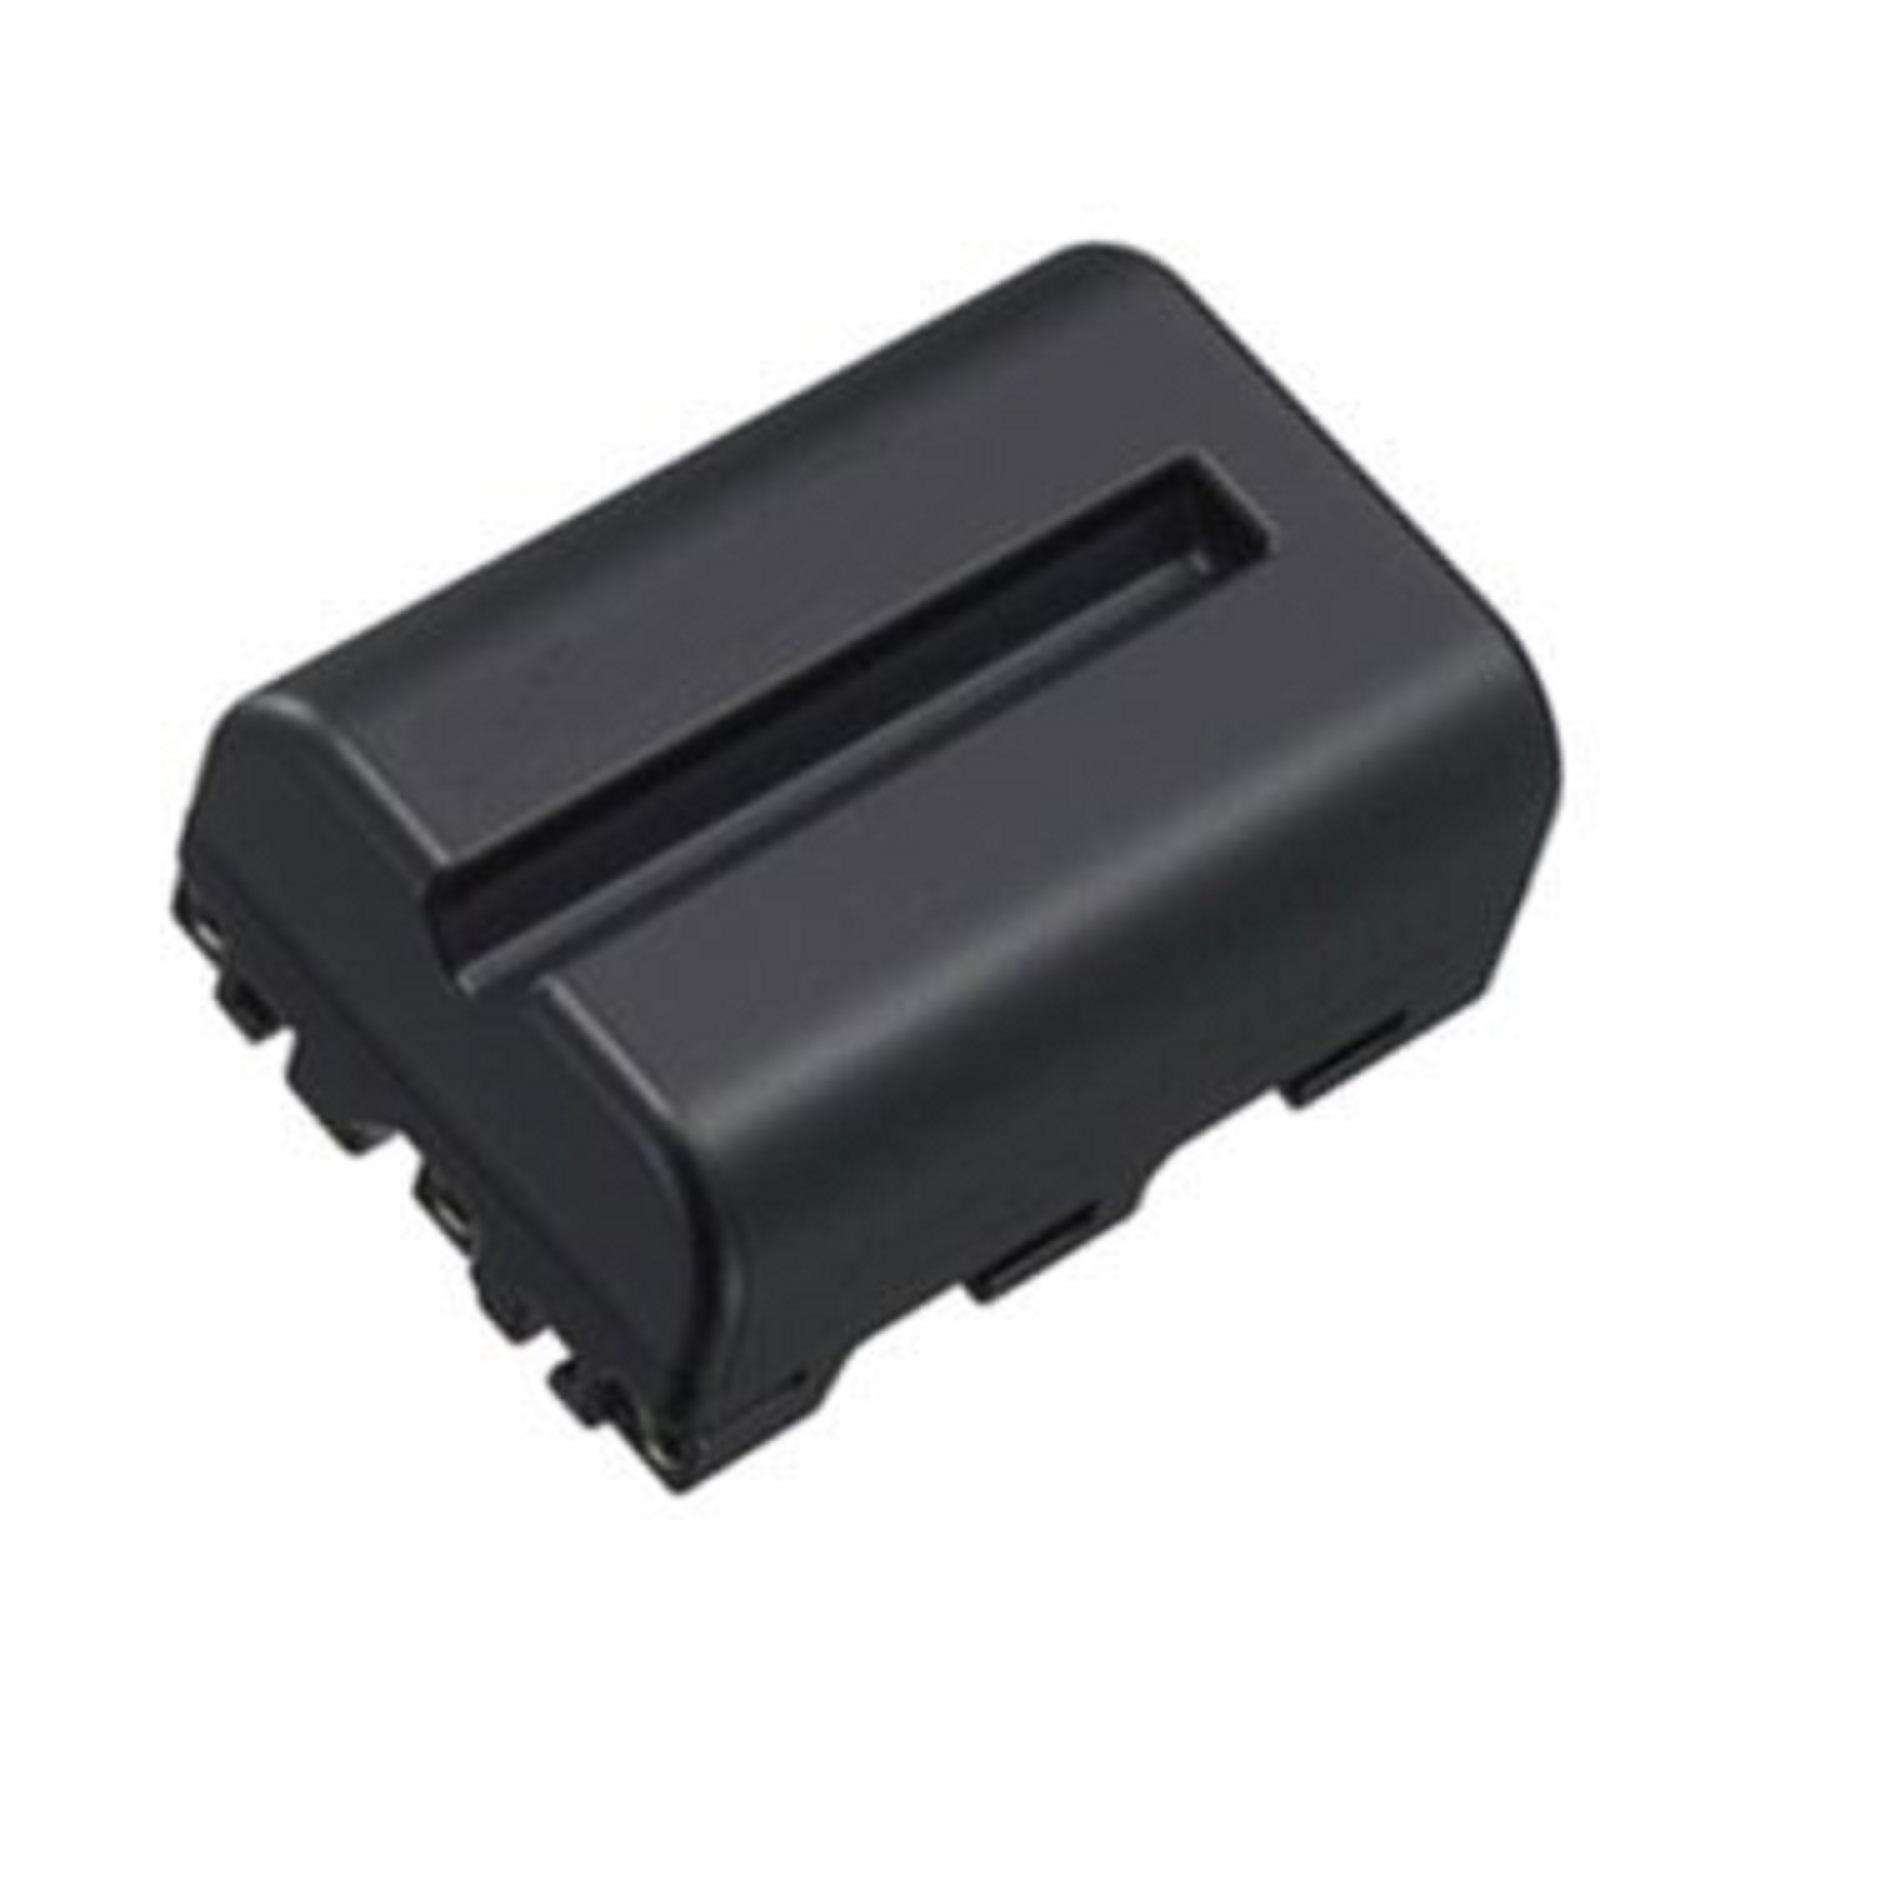 DSTE Ersatz Batterie Akku for Sony NP-FM500H A57 A58 A65 A77 A100 A200 A200K A200W A300 A300K A300X A350 A350H A350K A350X A450 A500 A550 A560 A580 A700 A700K A700P A700Z A850 A900 A900 ILCA-77M2 SLT-A99 Kamera